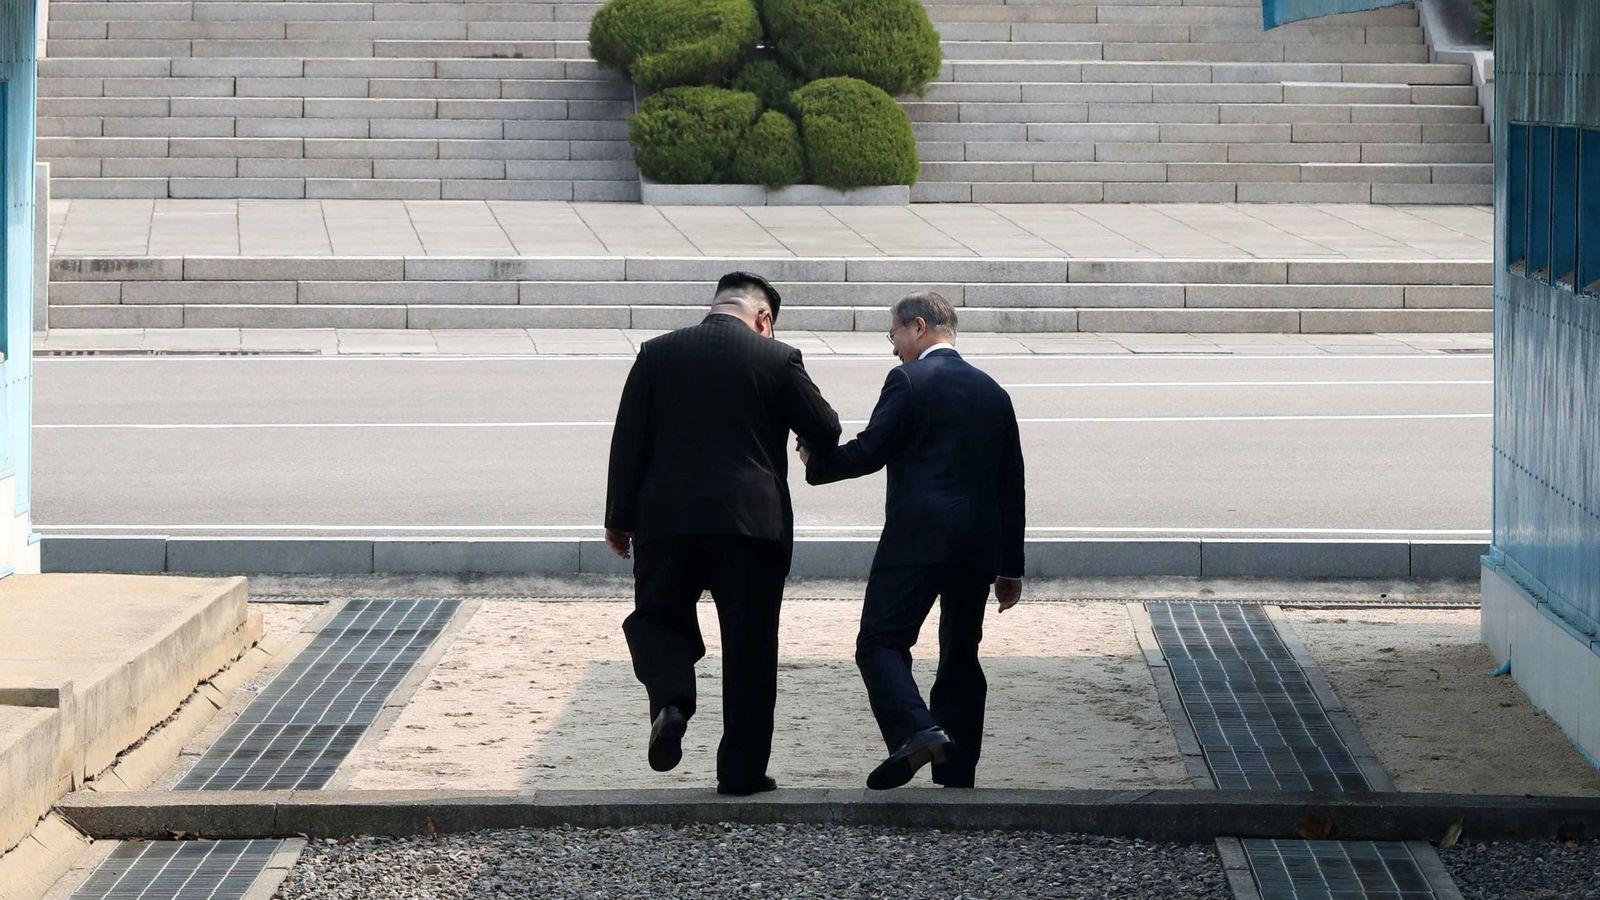 Foto: El presidente surcoreano, Moon Jae-in (d), y el líder del Norte, Kim Jong-un (i), caminan tomados de la mano en la línea de demarcación militar (MDL), durante una ceremonia de bienvenida en el lado sur de la frontera militarizada. (EFE)